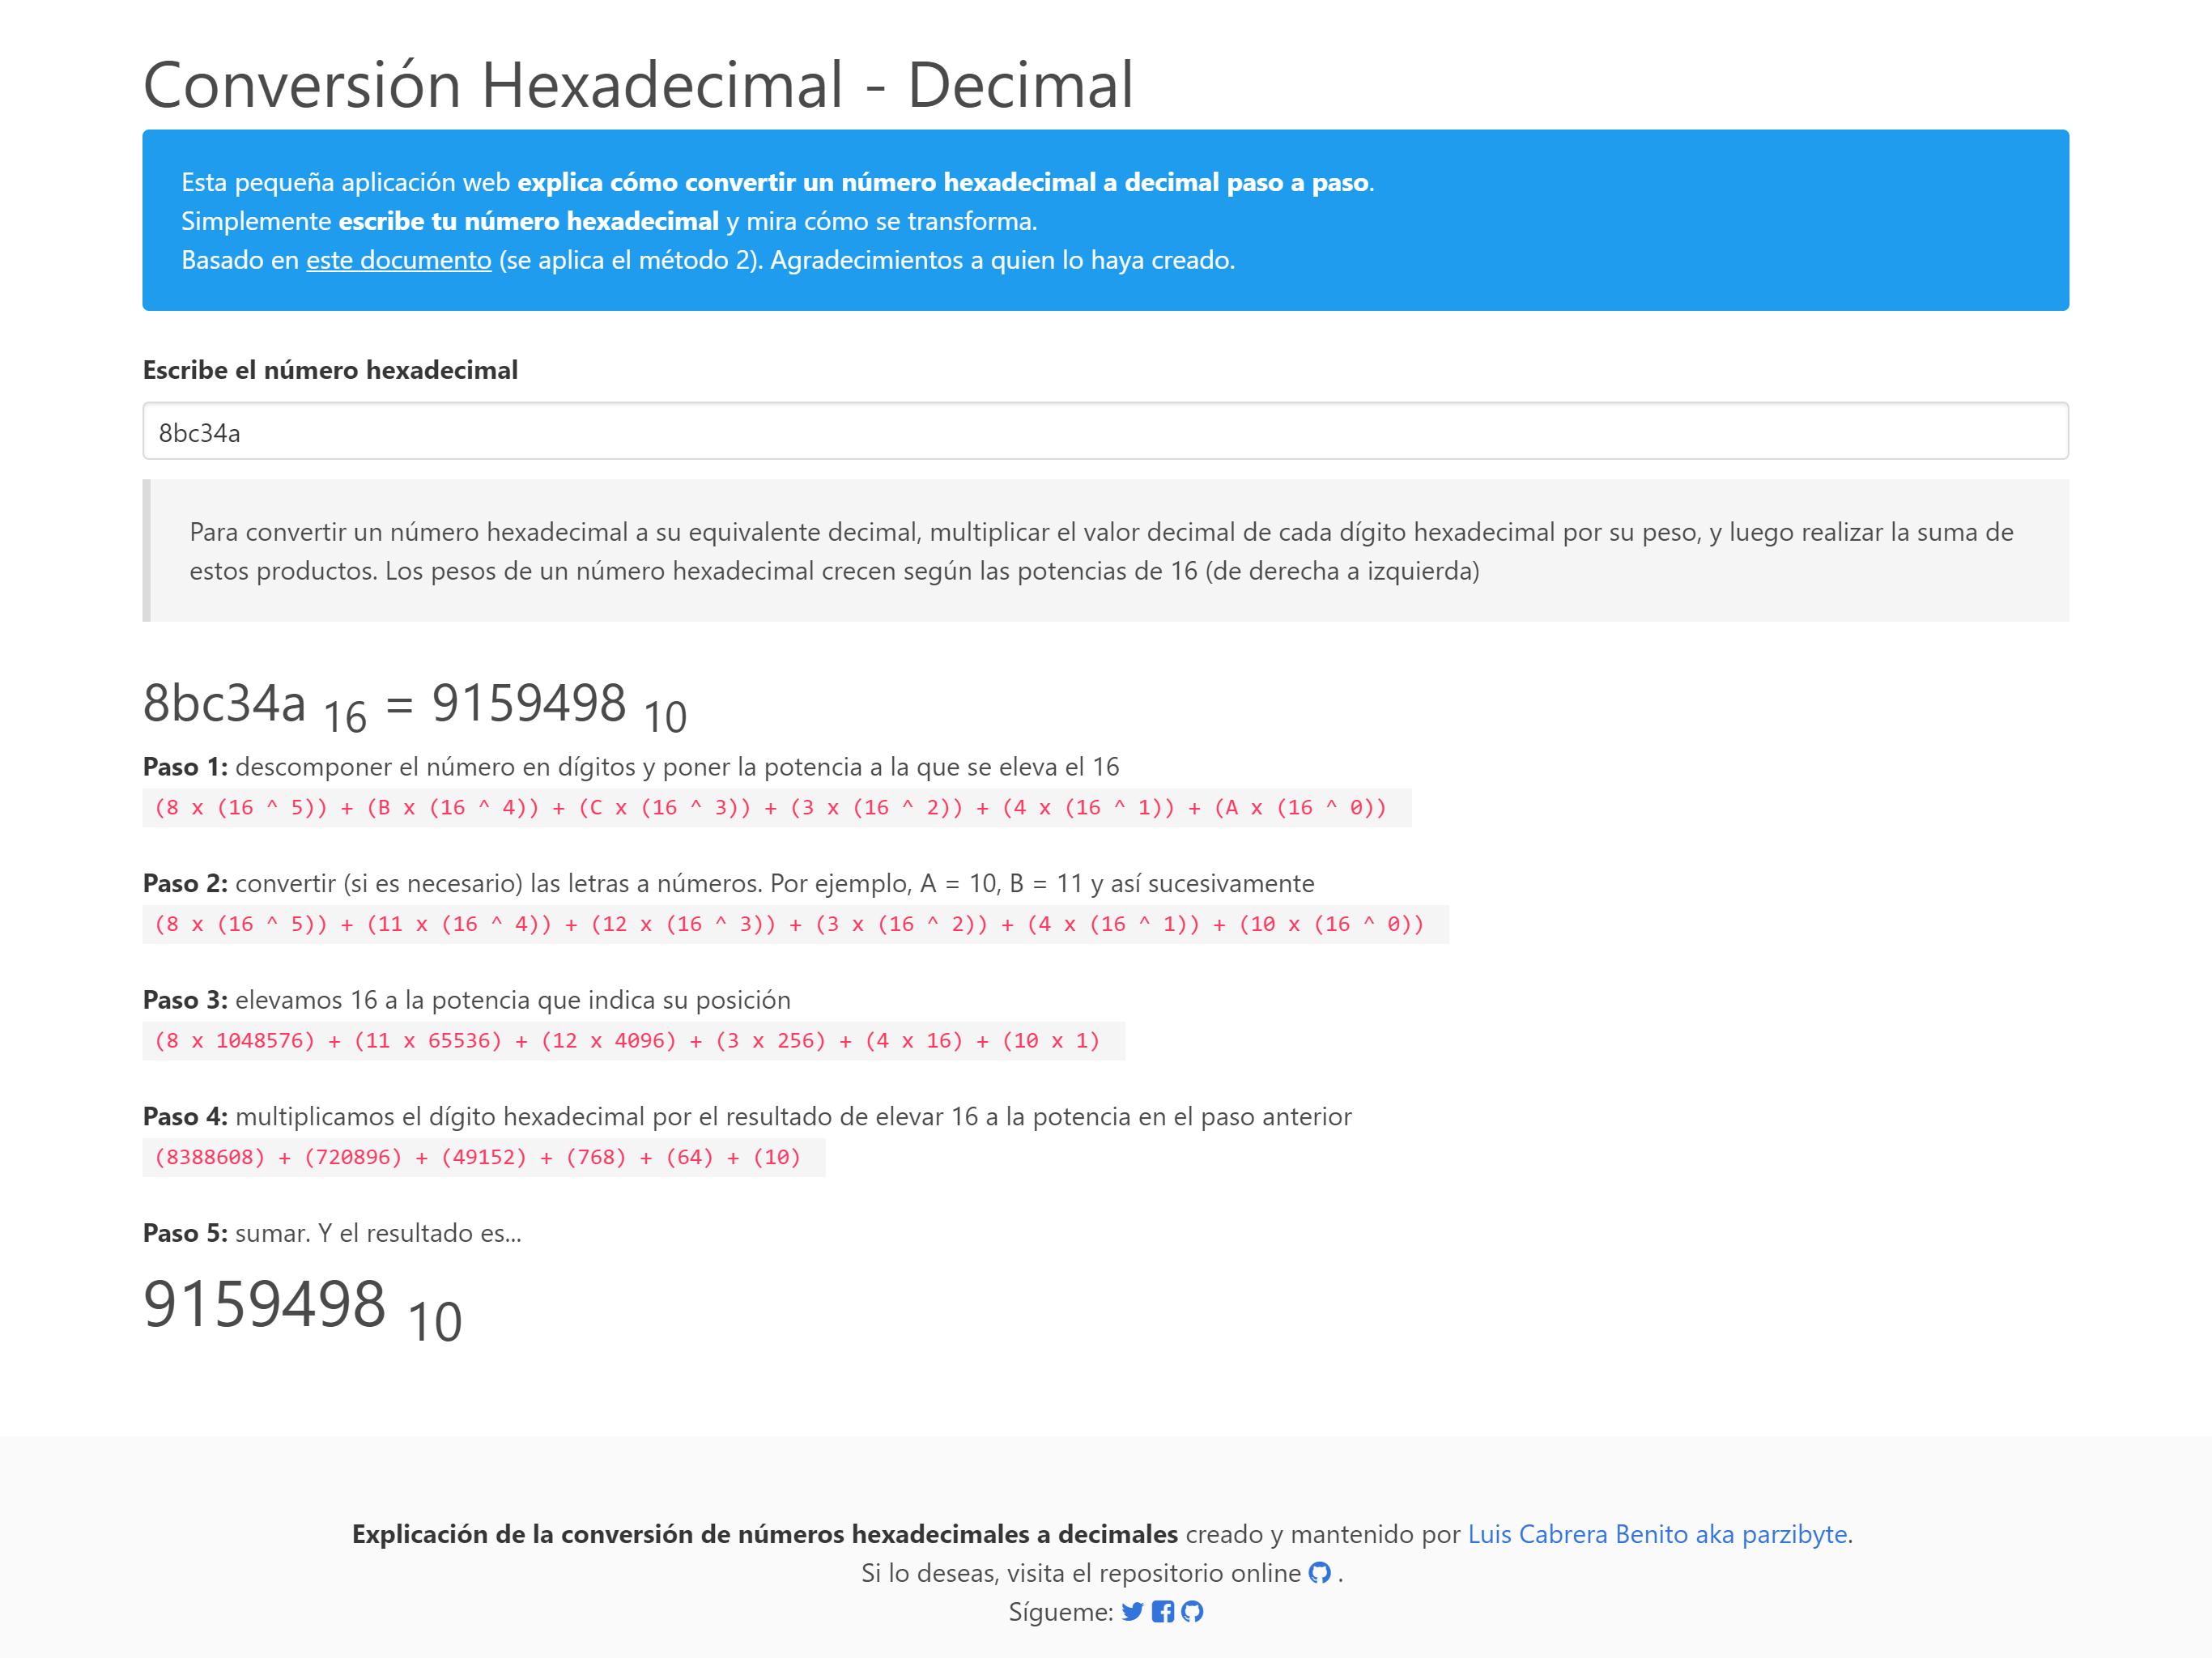 App que explica la conversión hexadecimal a decimal